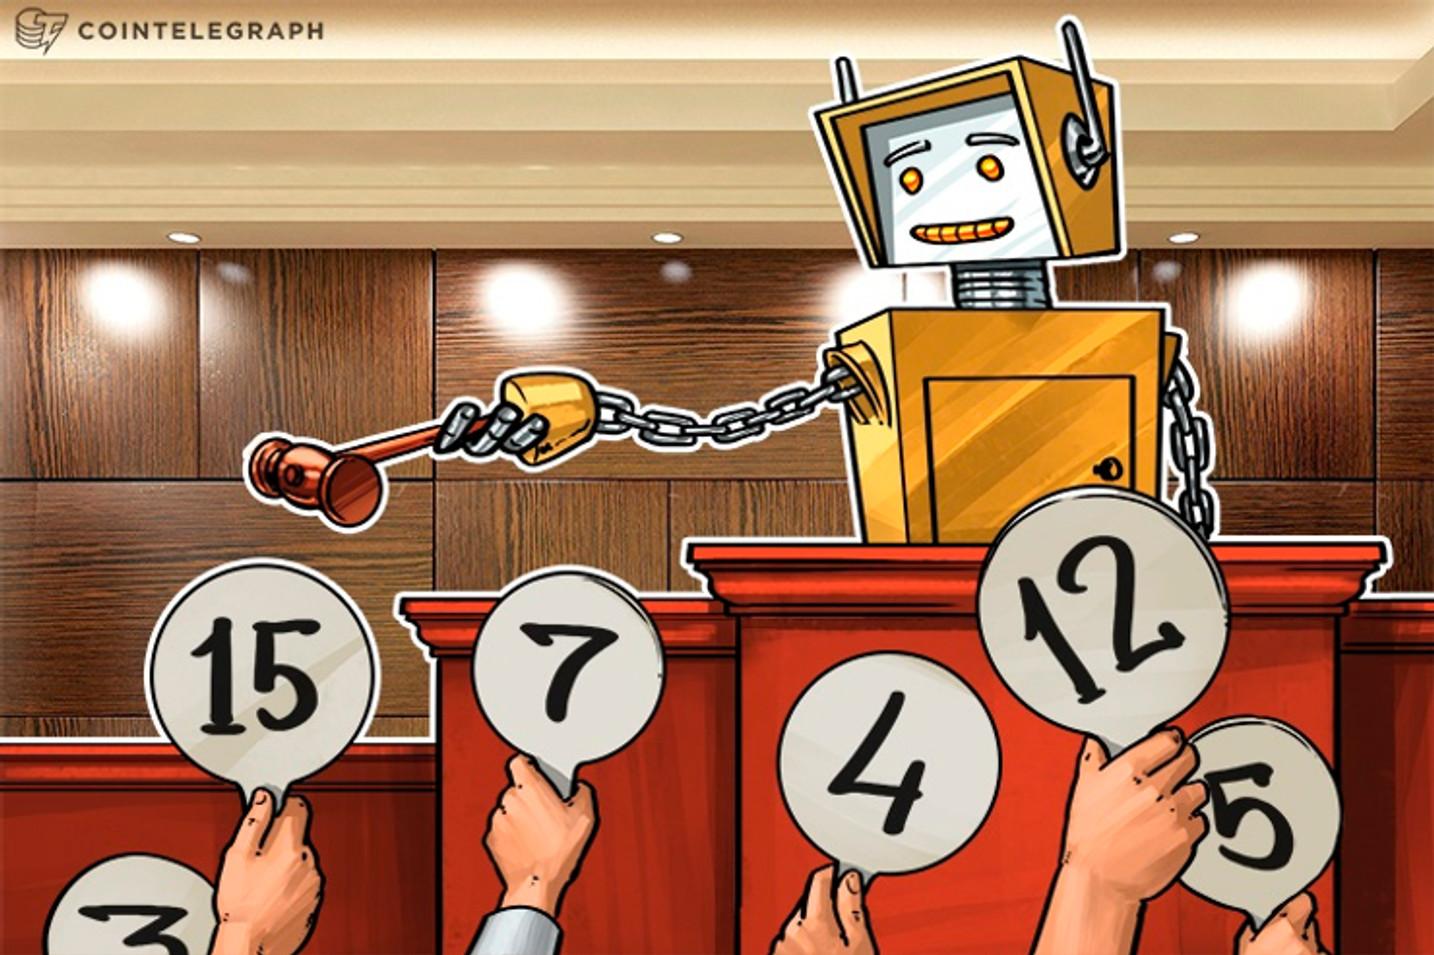 Atlas Quantum transforma saldo de usuários em token no Ethereum e afirma que irá pagar todos os clientes